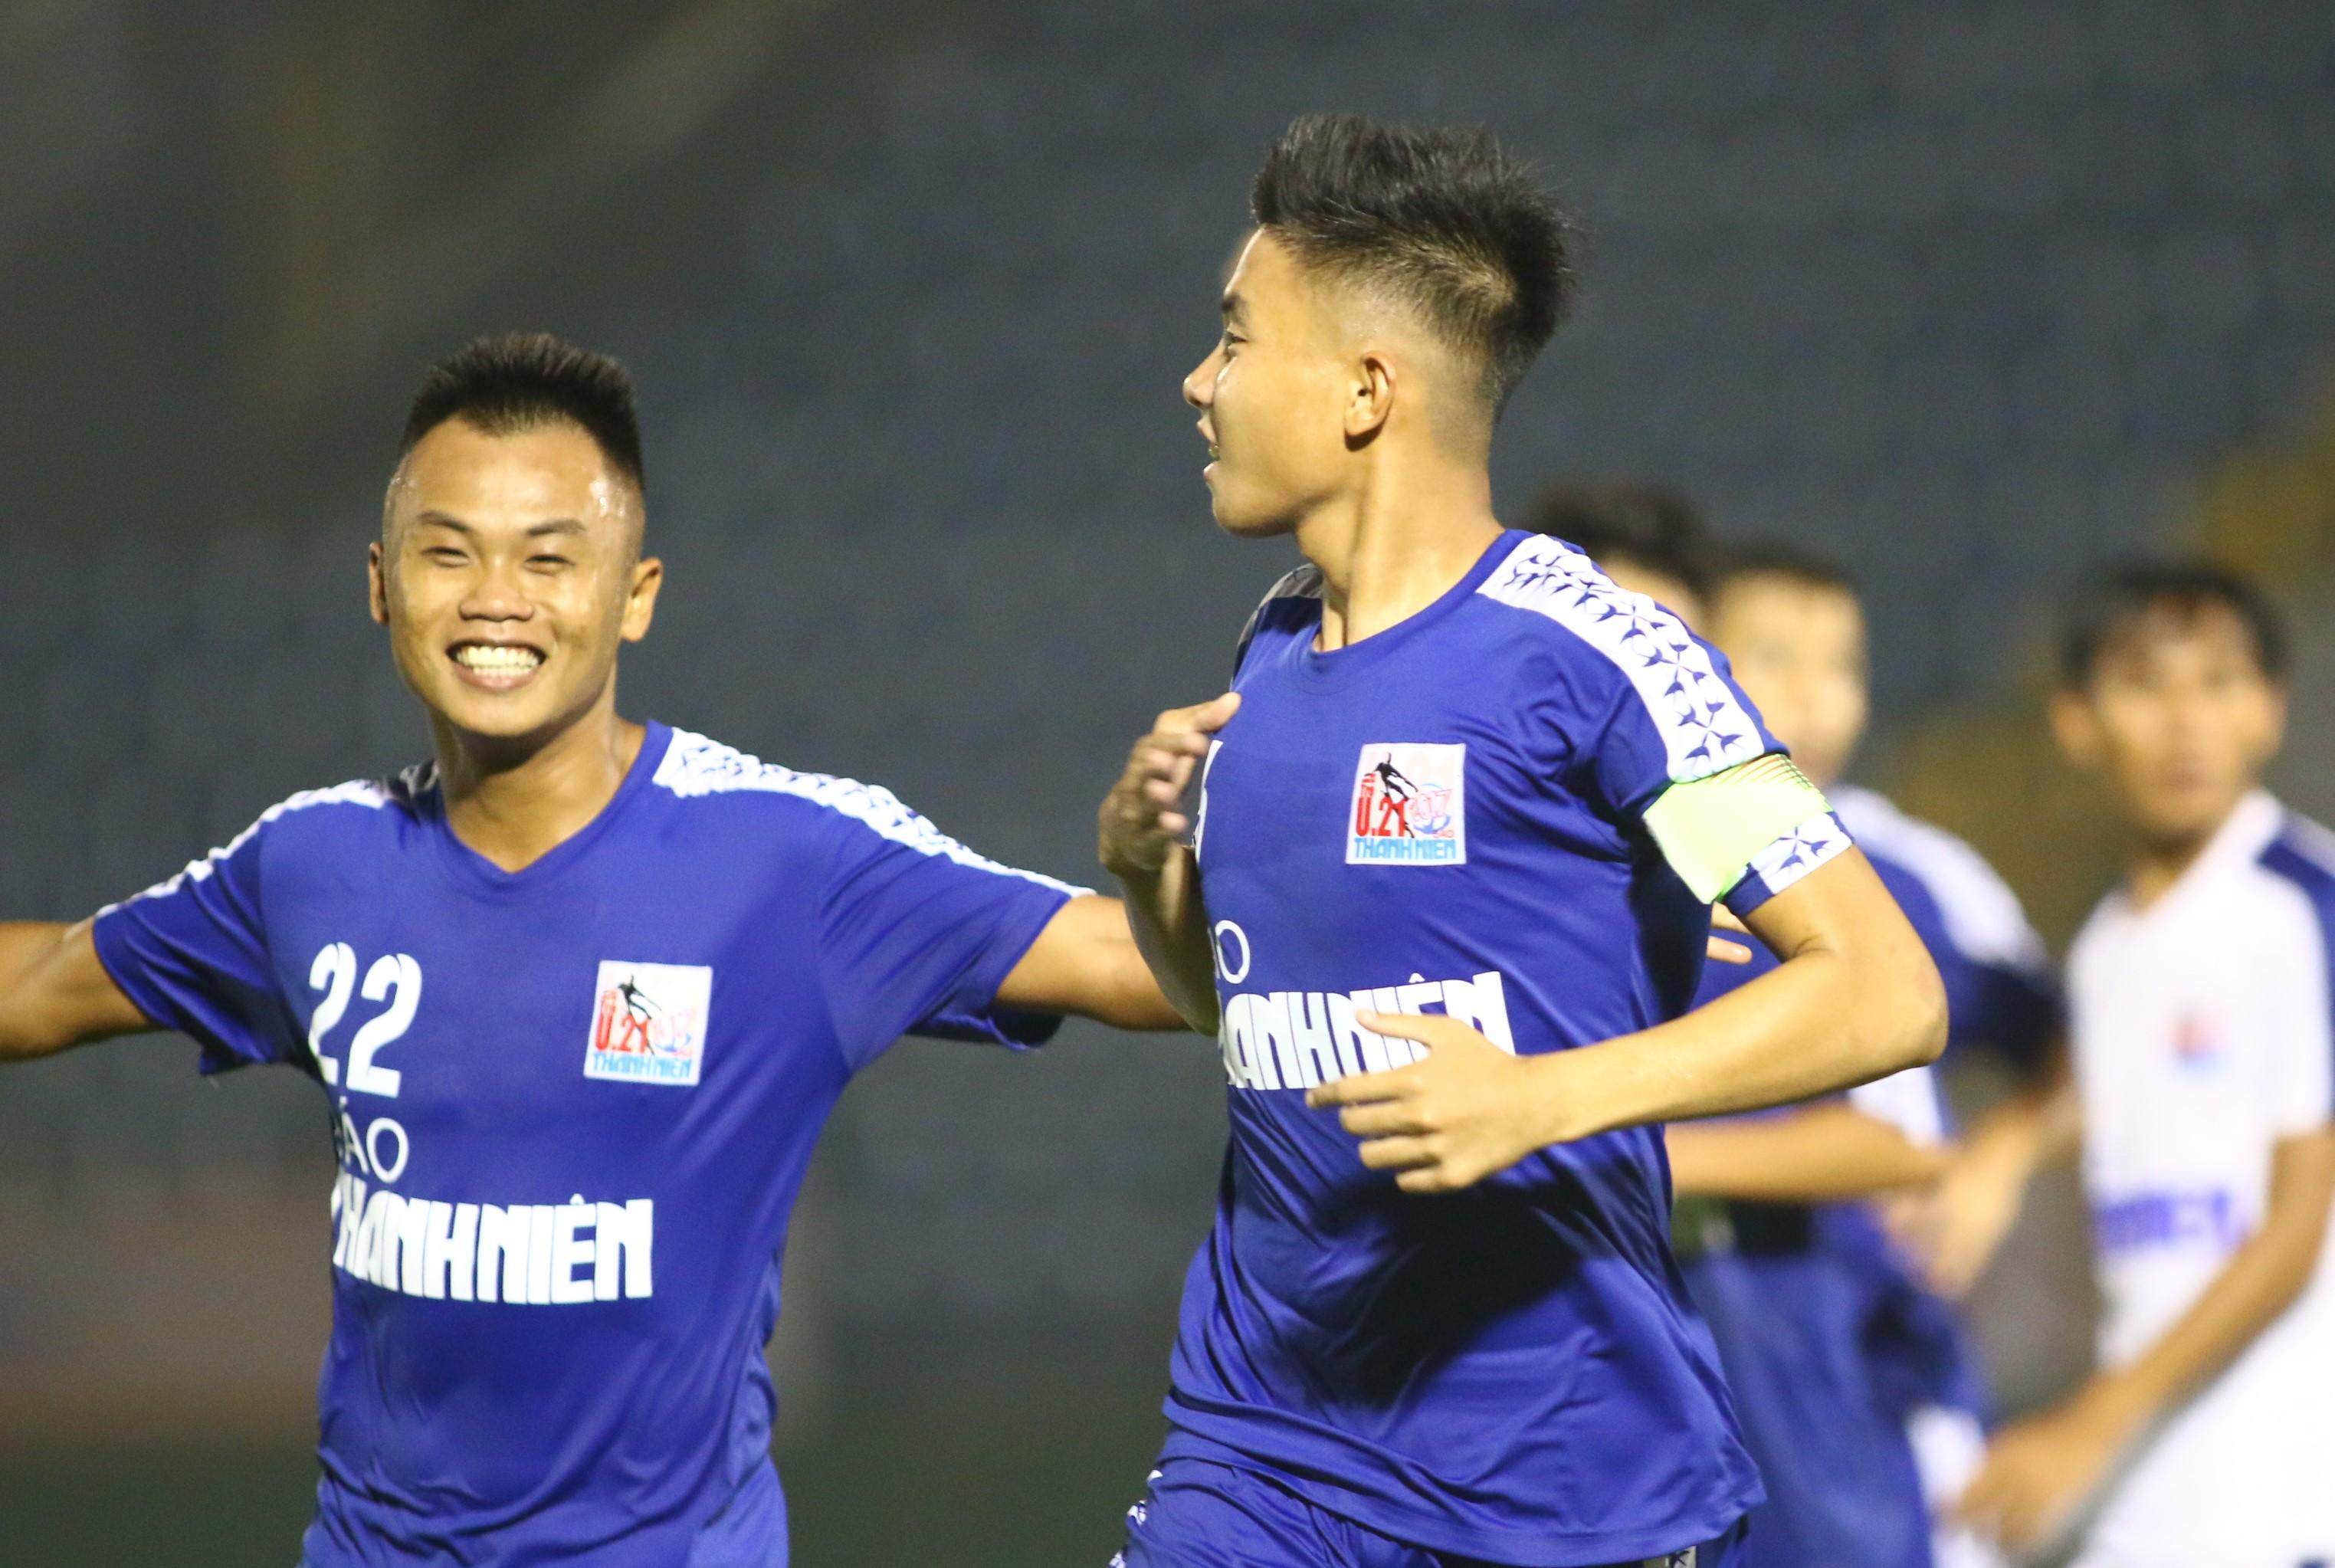 VCK U21 Quốc gia 2017: HLV Trần Minh Chiến nói gì khi Bình Dương vào bán kết? - Bóng Đá